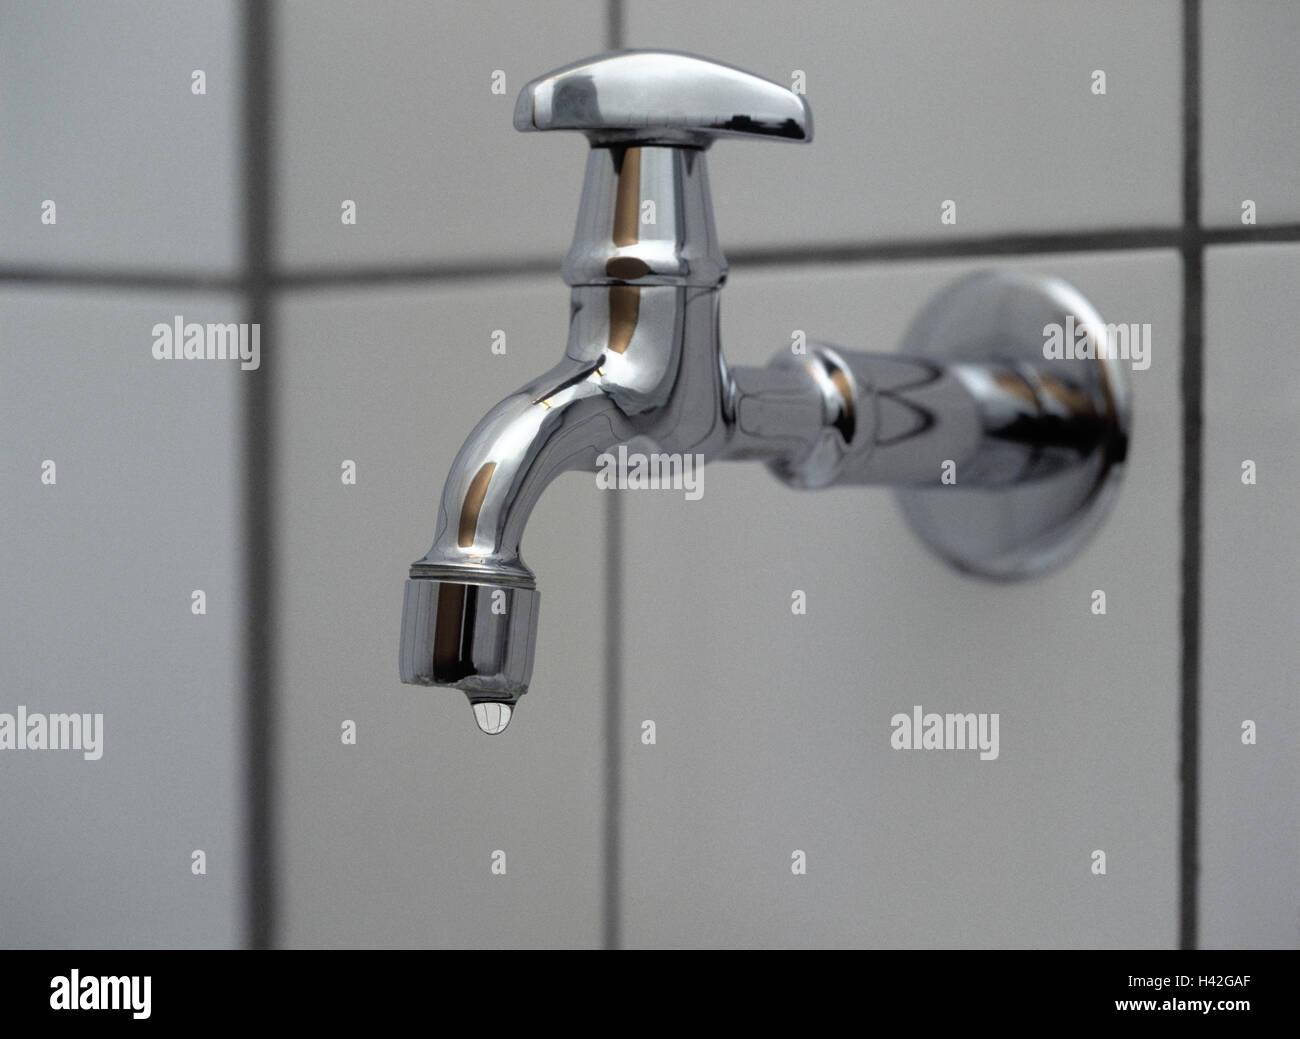 Fliesen-Wand, Detail, Tap, Tropf, Bad, Waschküche, Wand, Fliesen